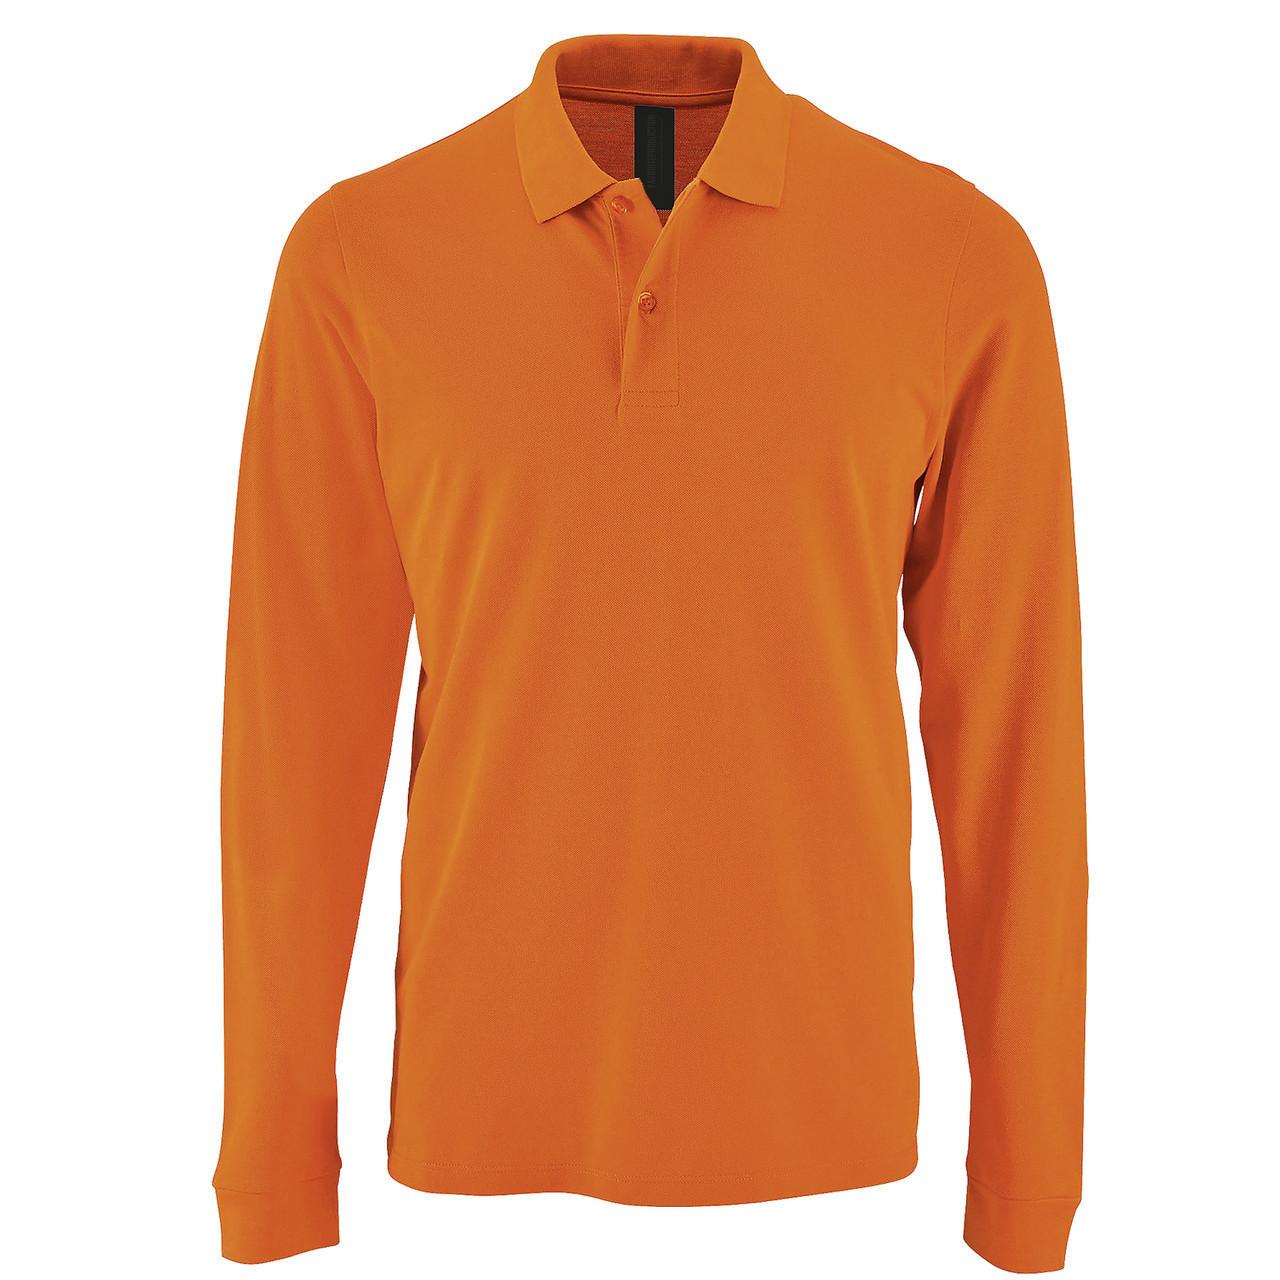 Футболка поло с длинным рукавом | Оранжевая | 200 г/м² XL